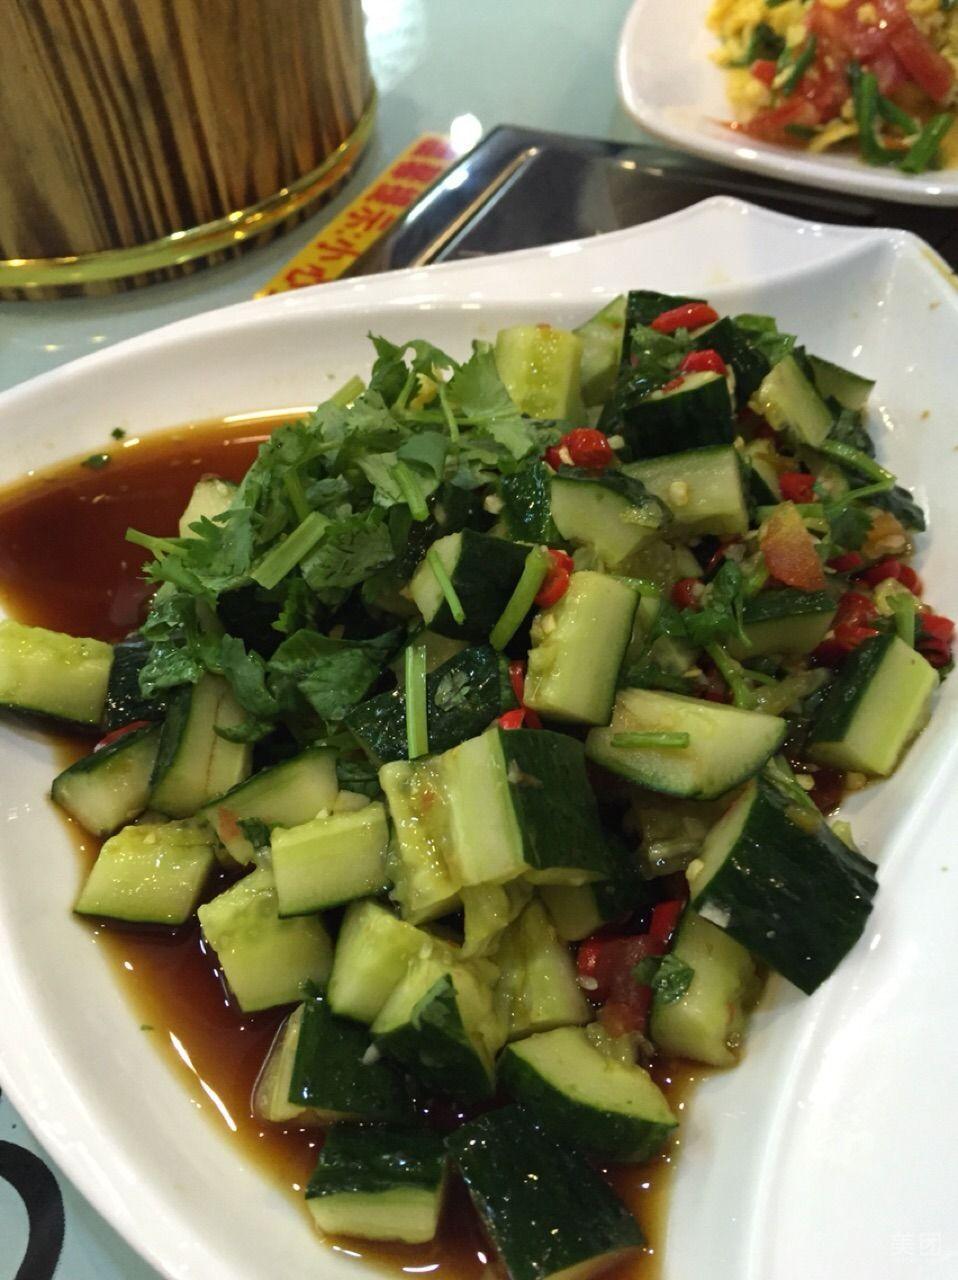 拌黄瓜-巴国私厨外卖-美团什么草像罗勒图片